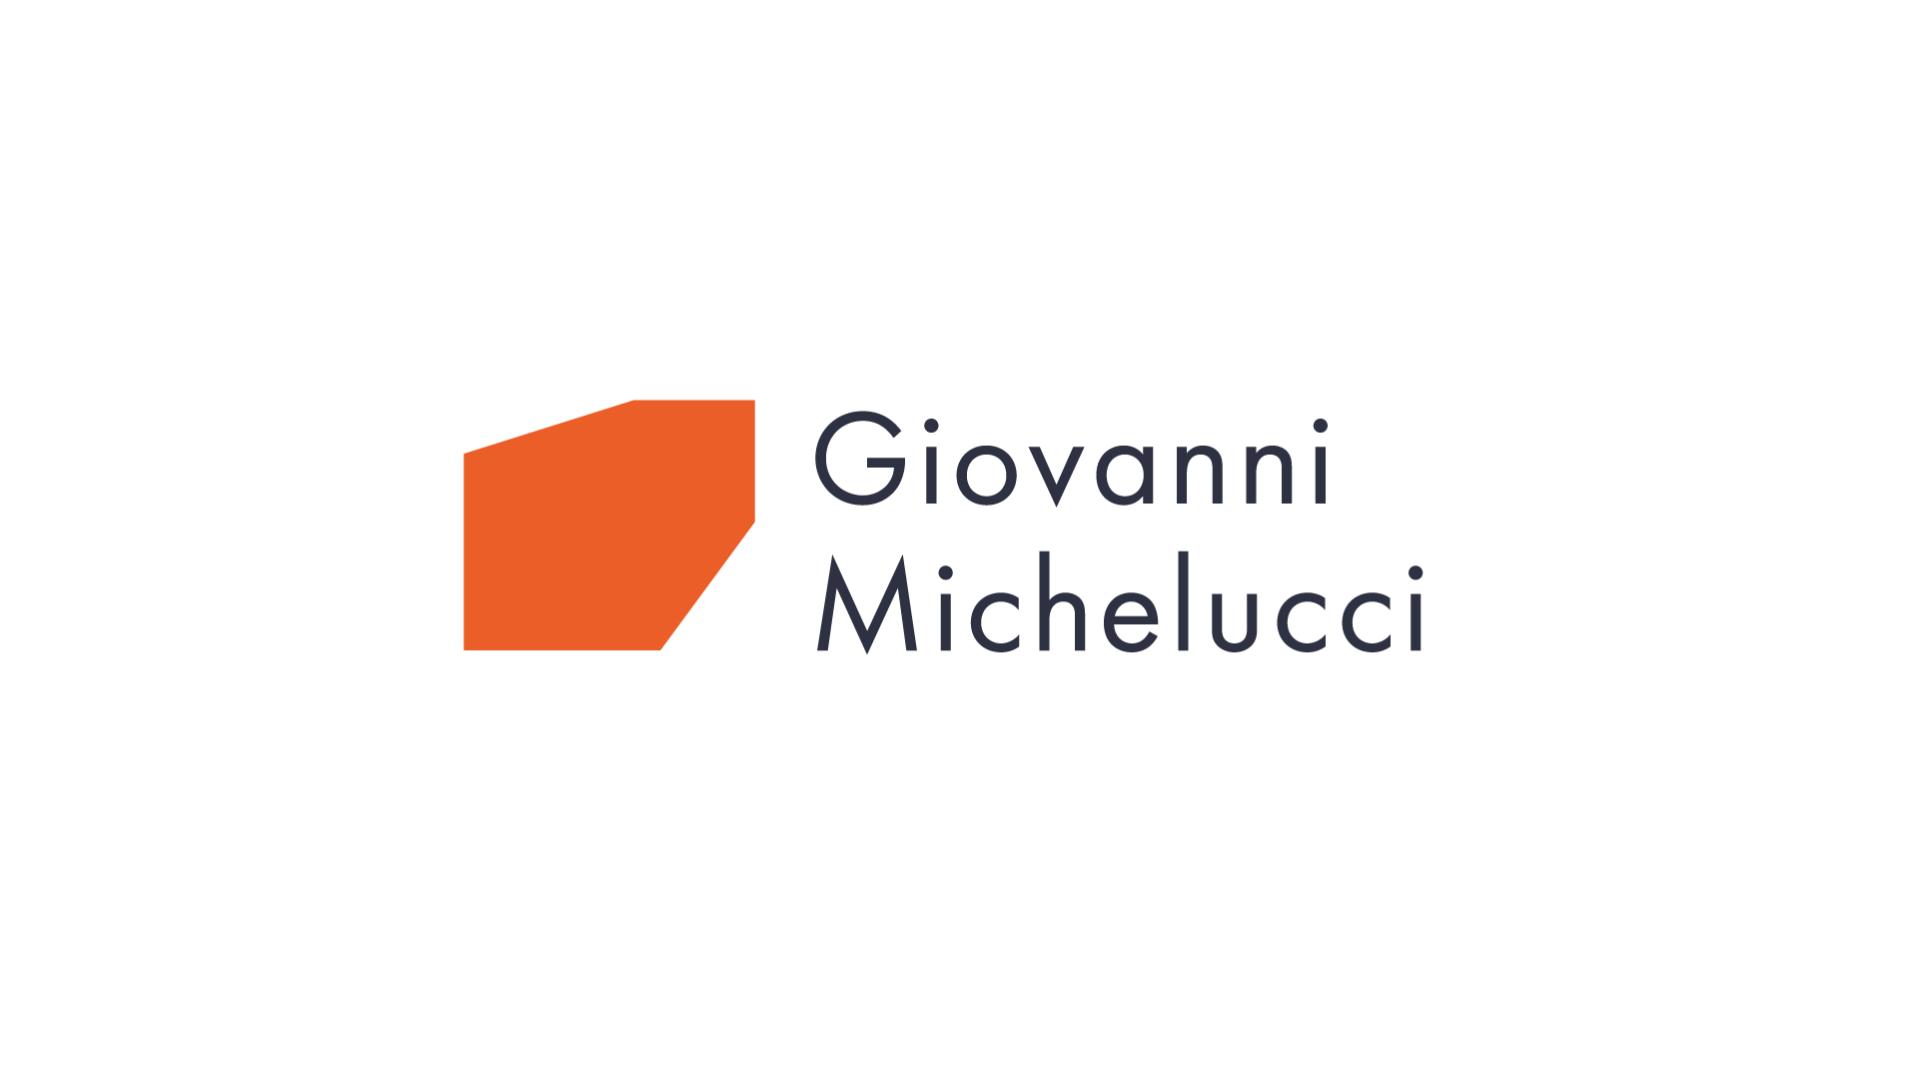 Giovanni Michelucci Logo